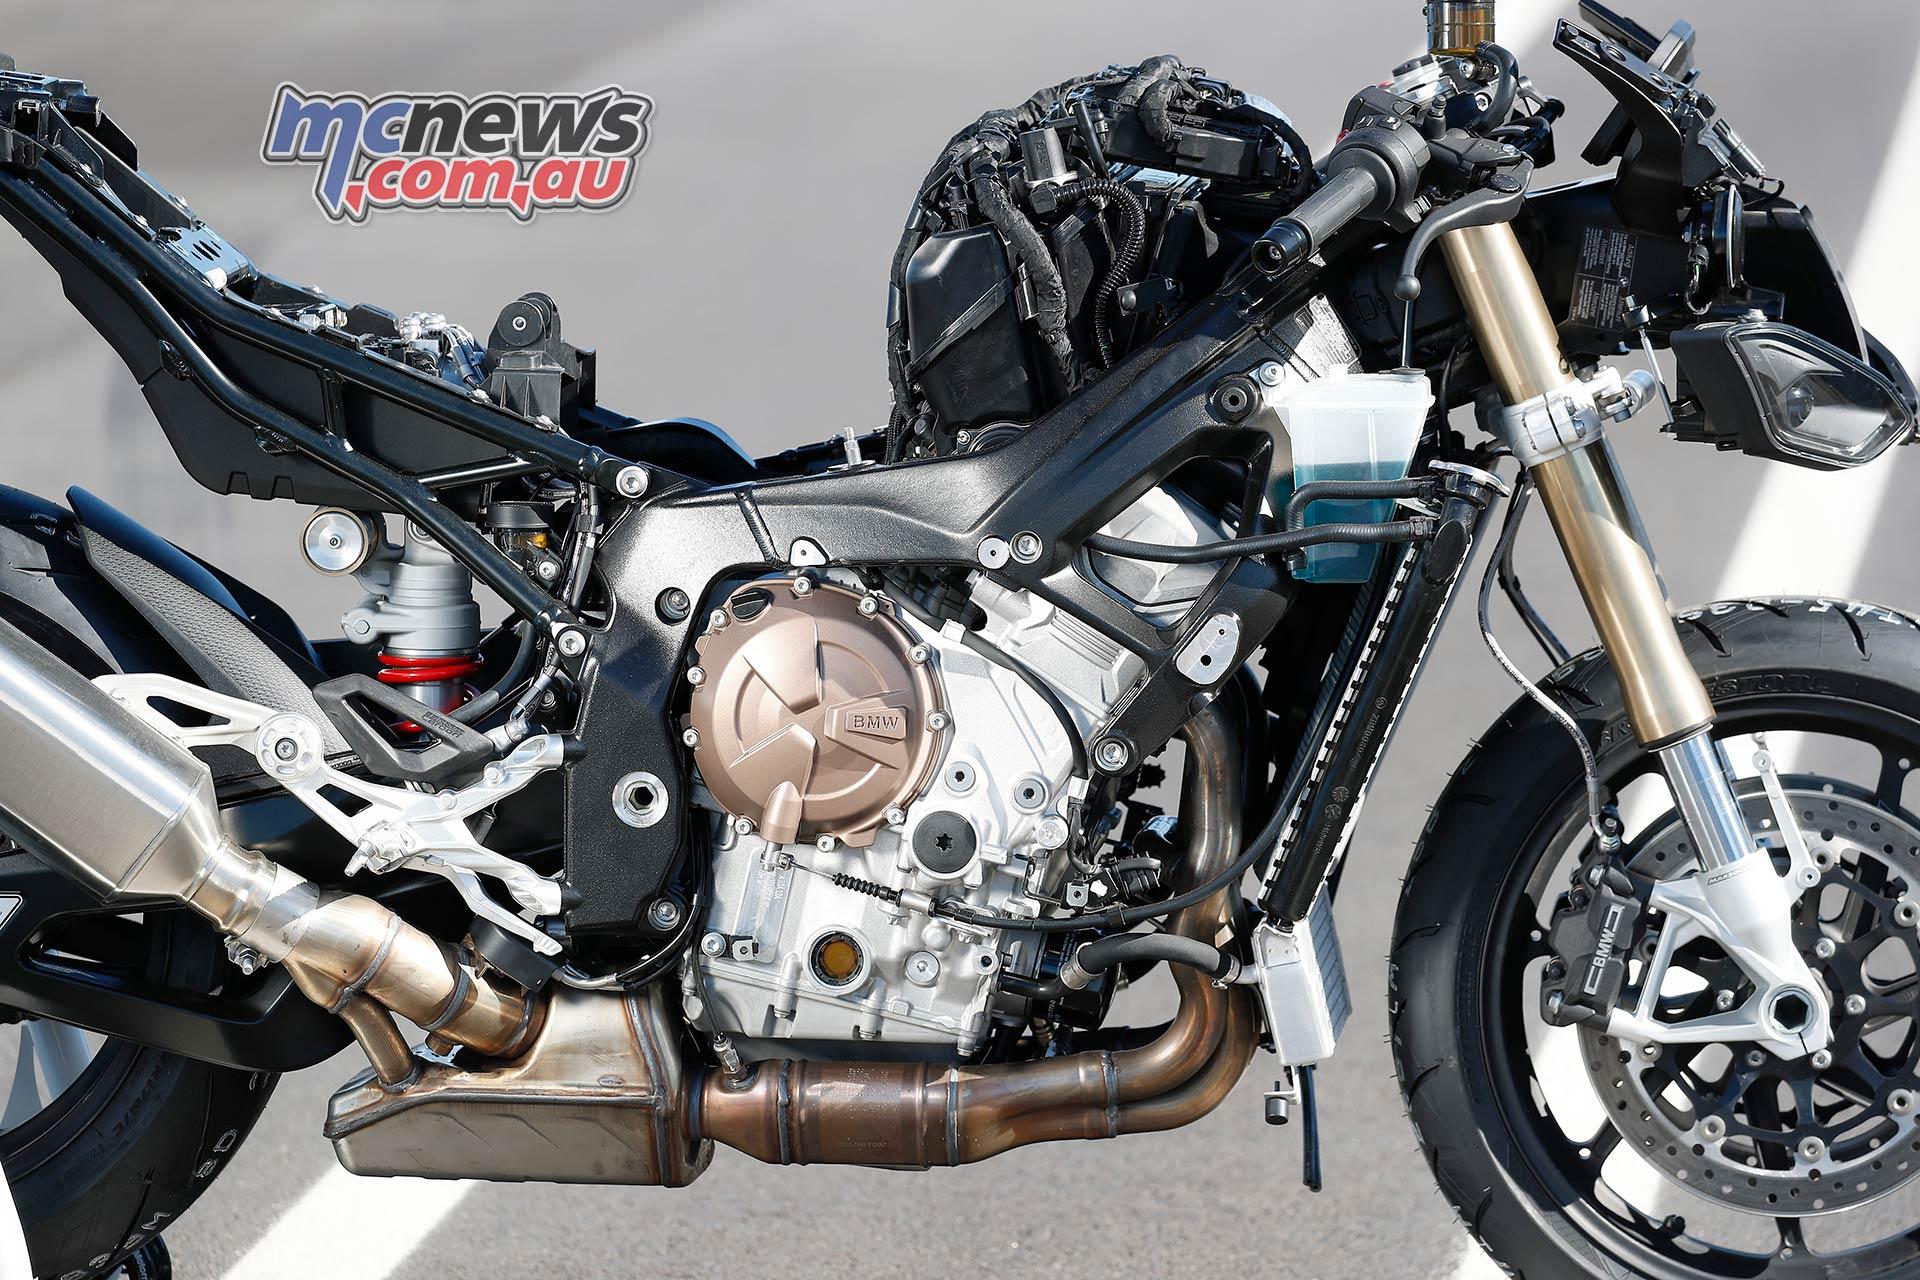 BMW SRR Engine AirBox Details